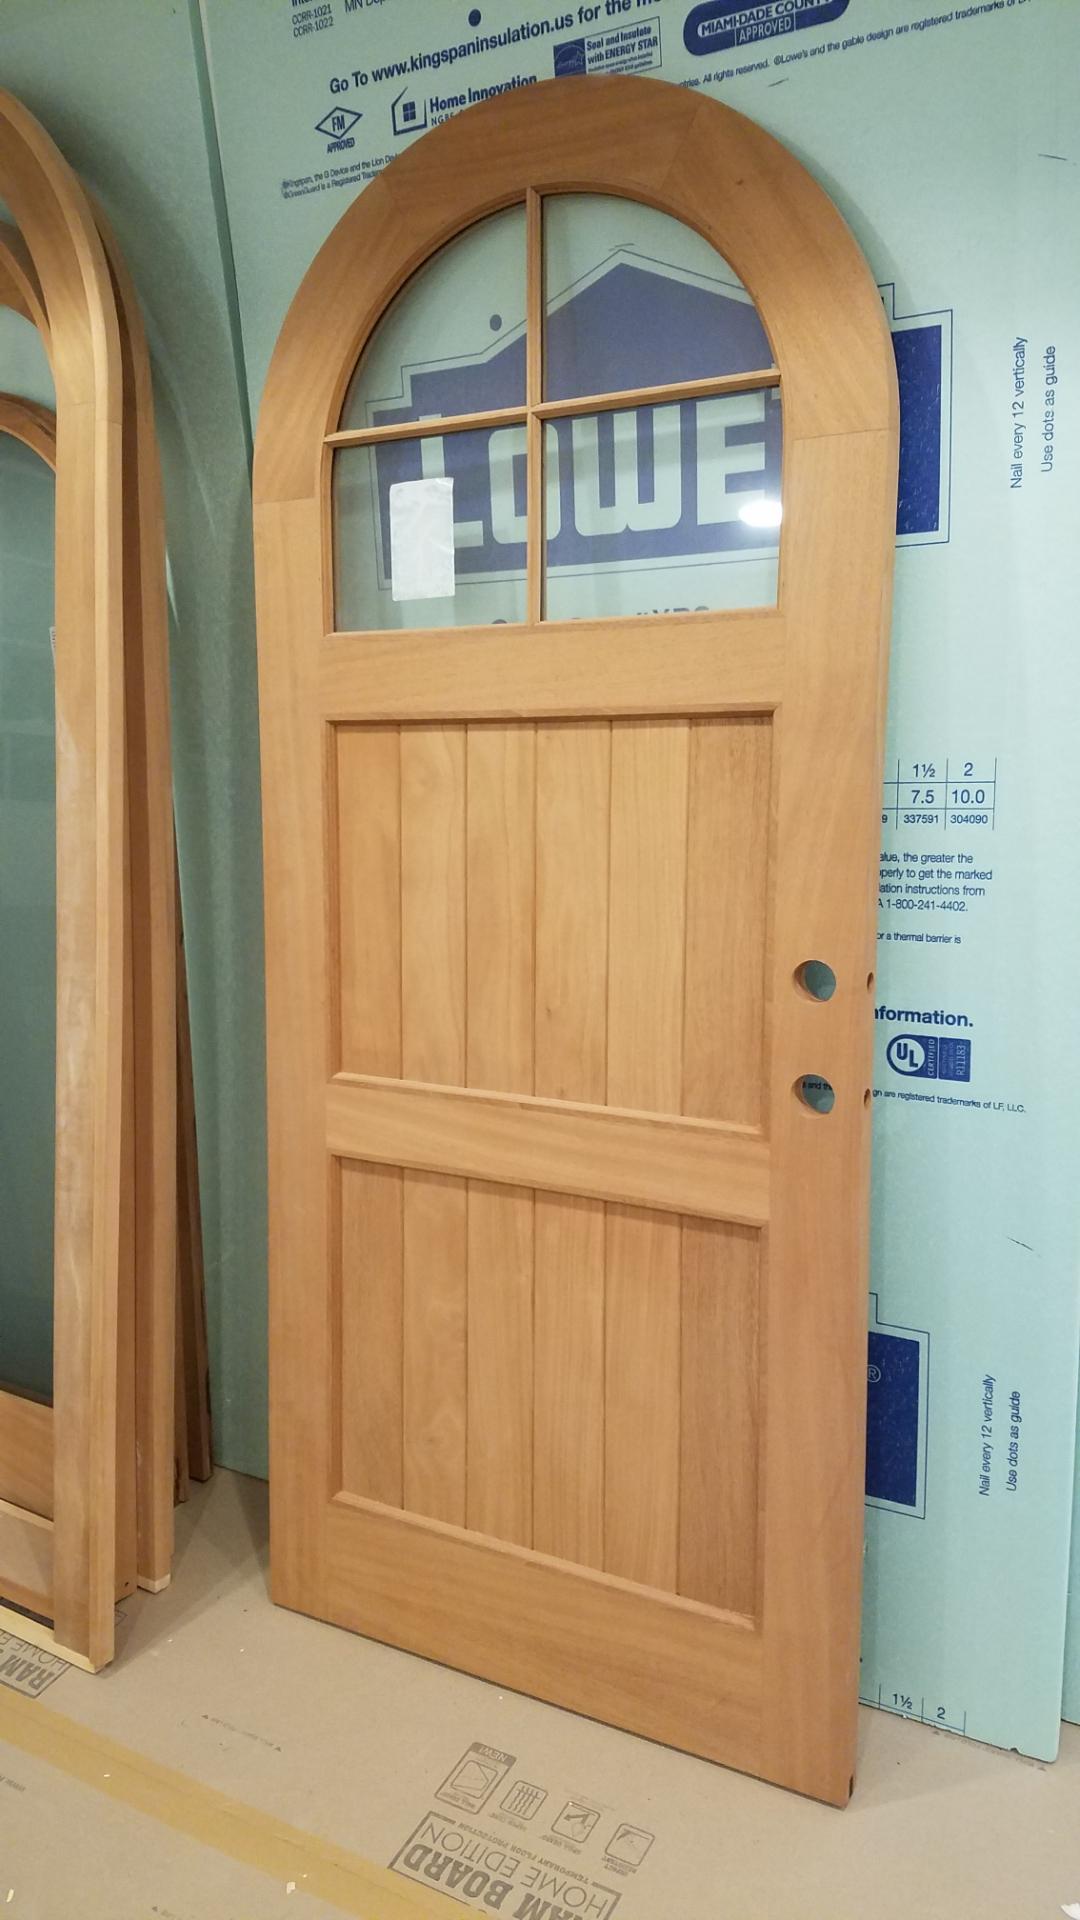 Staining A Round Top Door Photostudio_1560441593526_1560441817560